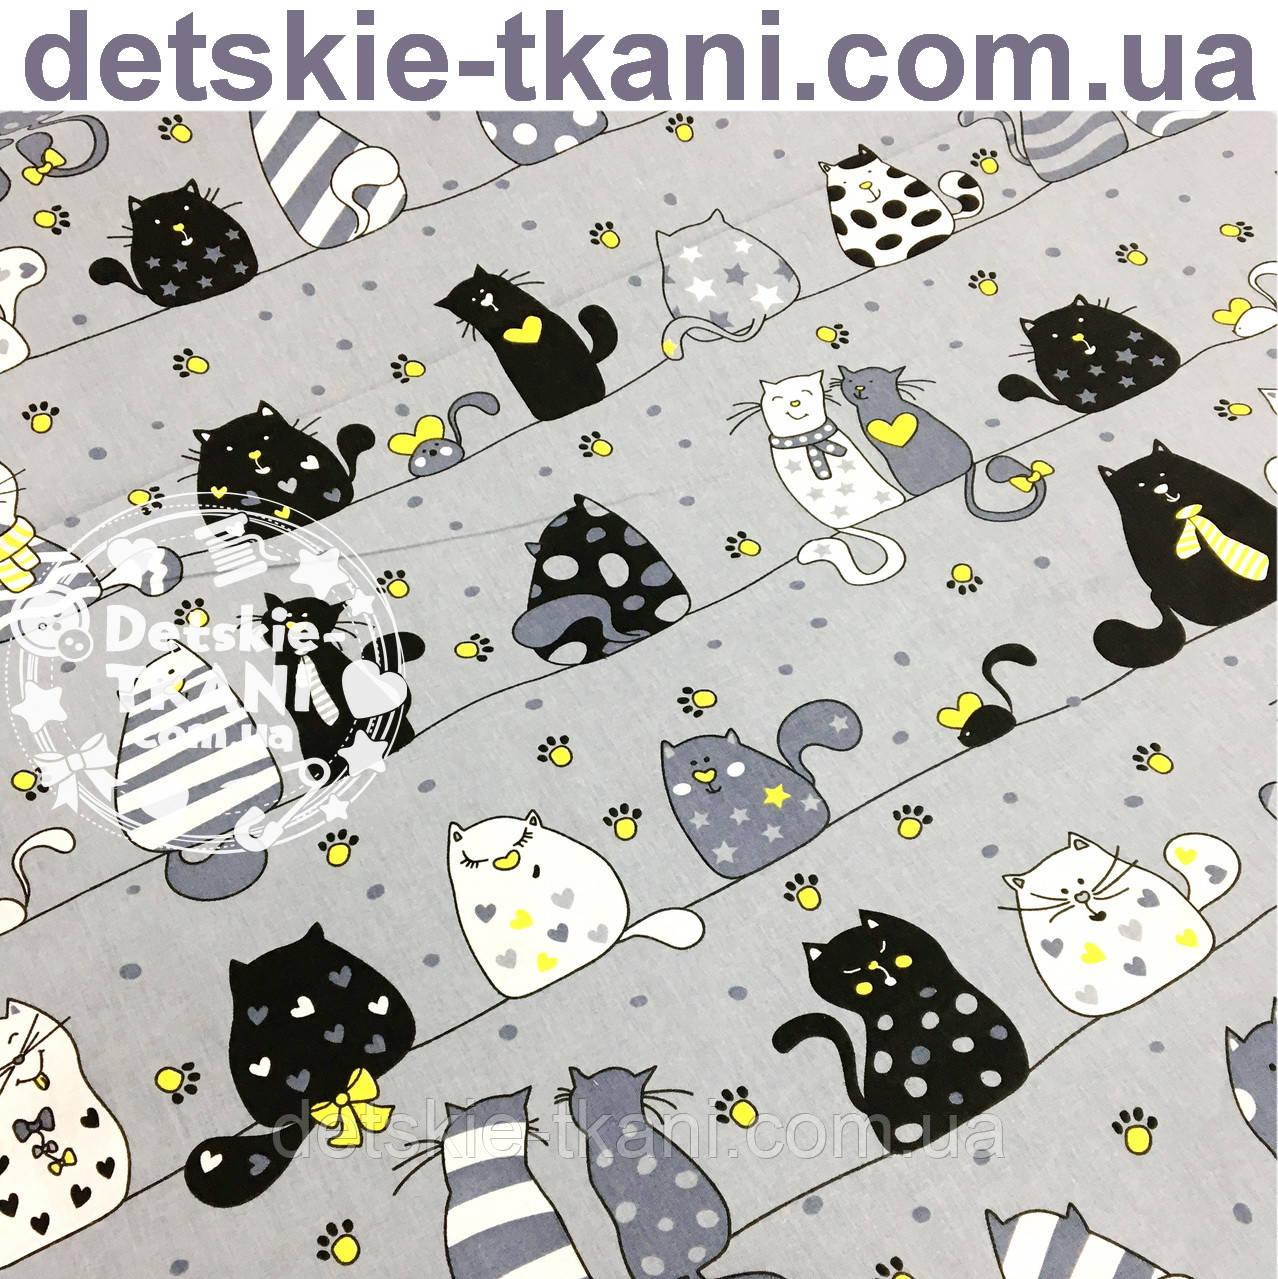 """Ткань хлопковая """"Мартовские коты"""" чёрно-жёлтые на сером фоне (№ 598)"""